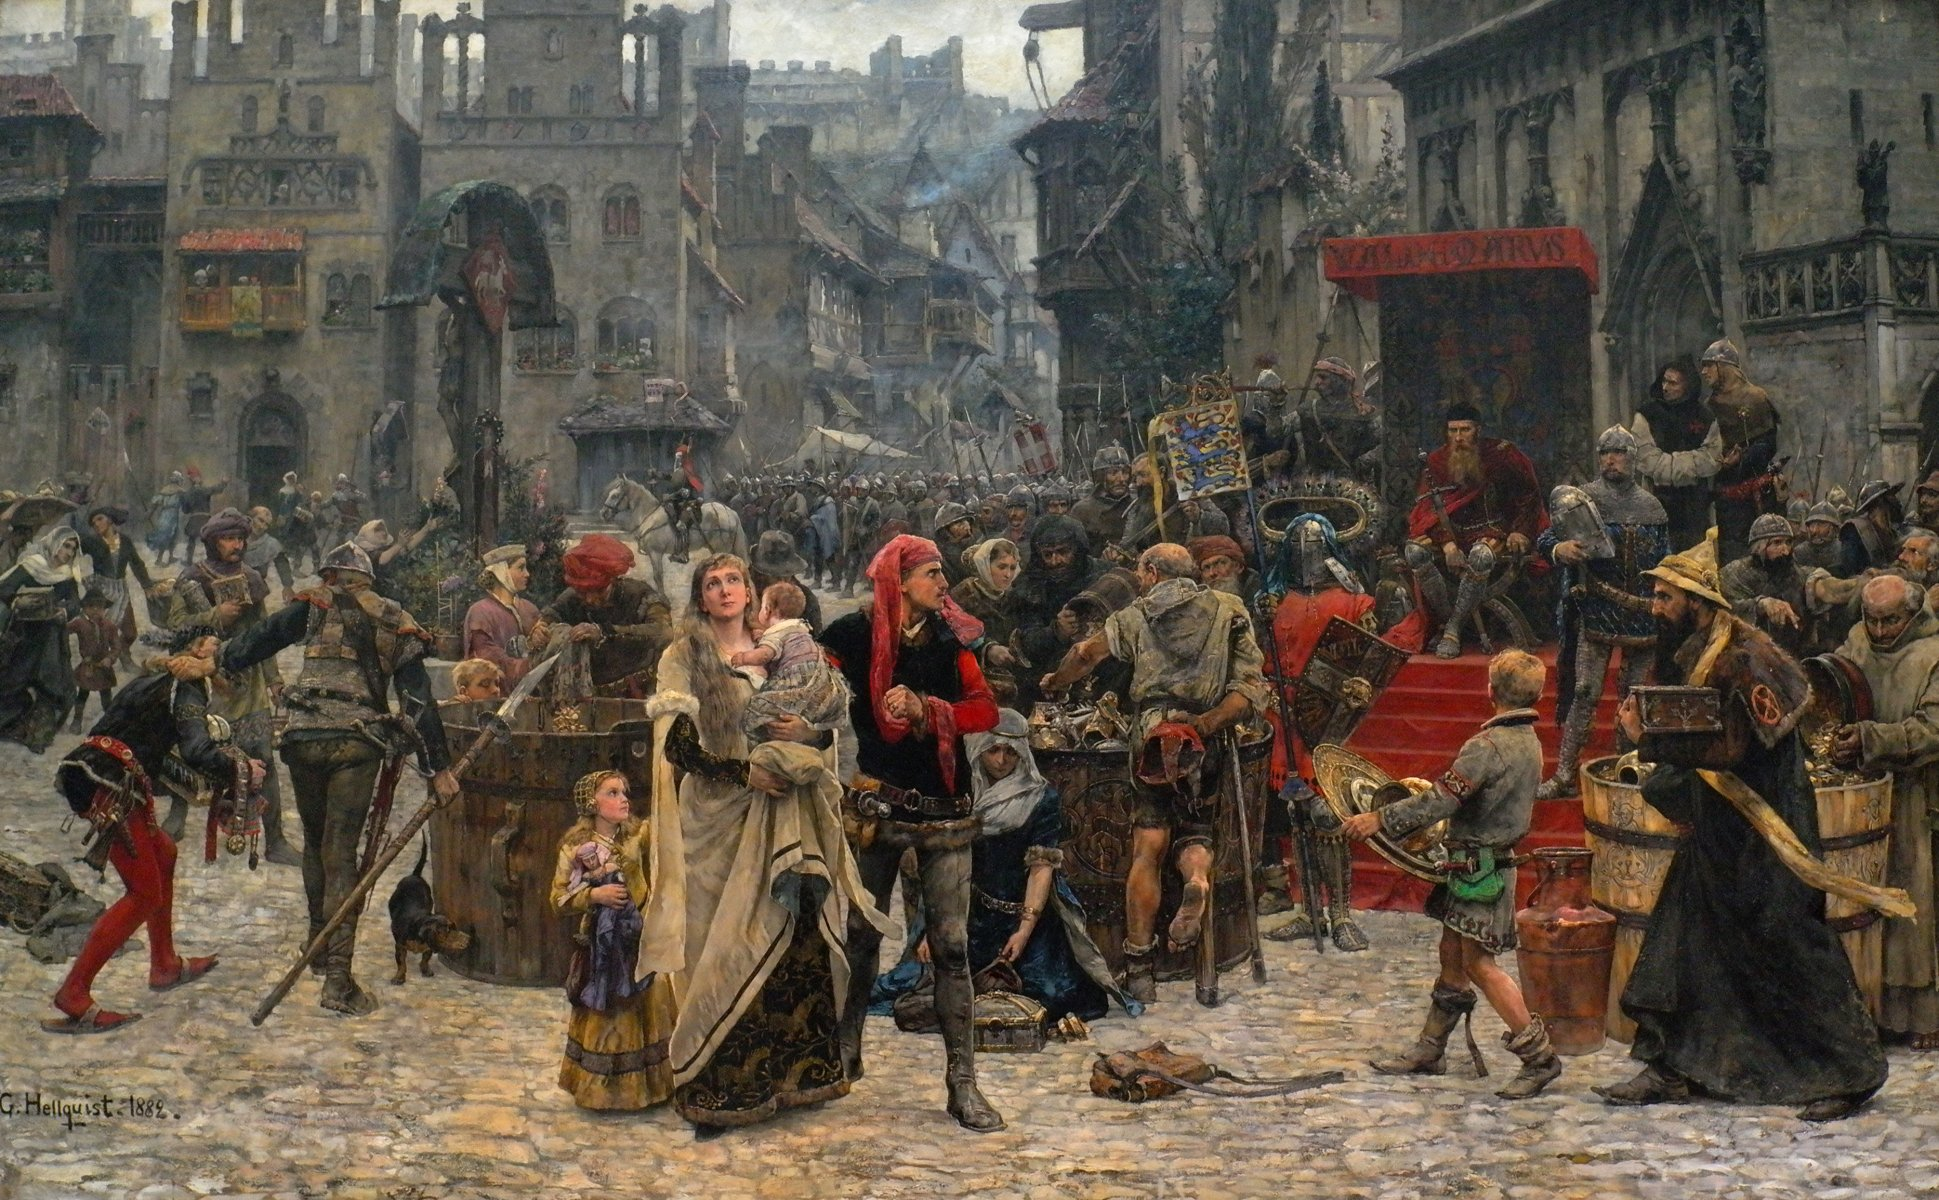 Почему мечта многих средневековых монархов создать империю 18